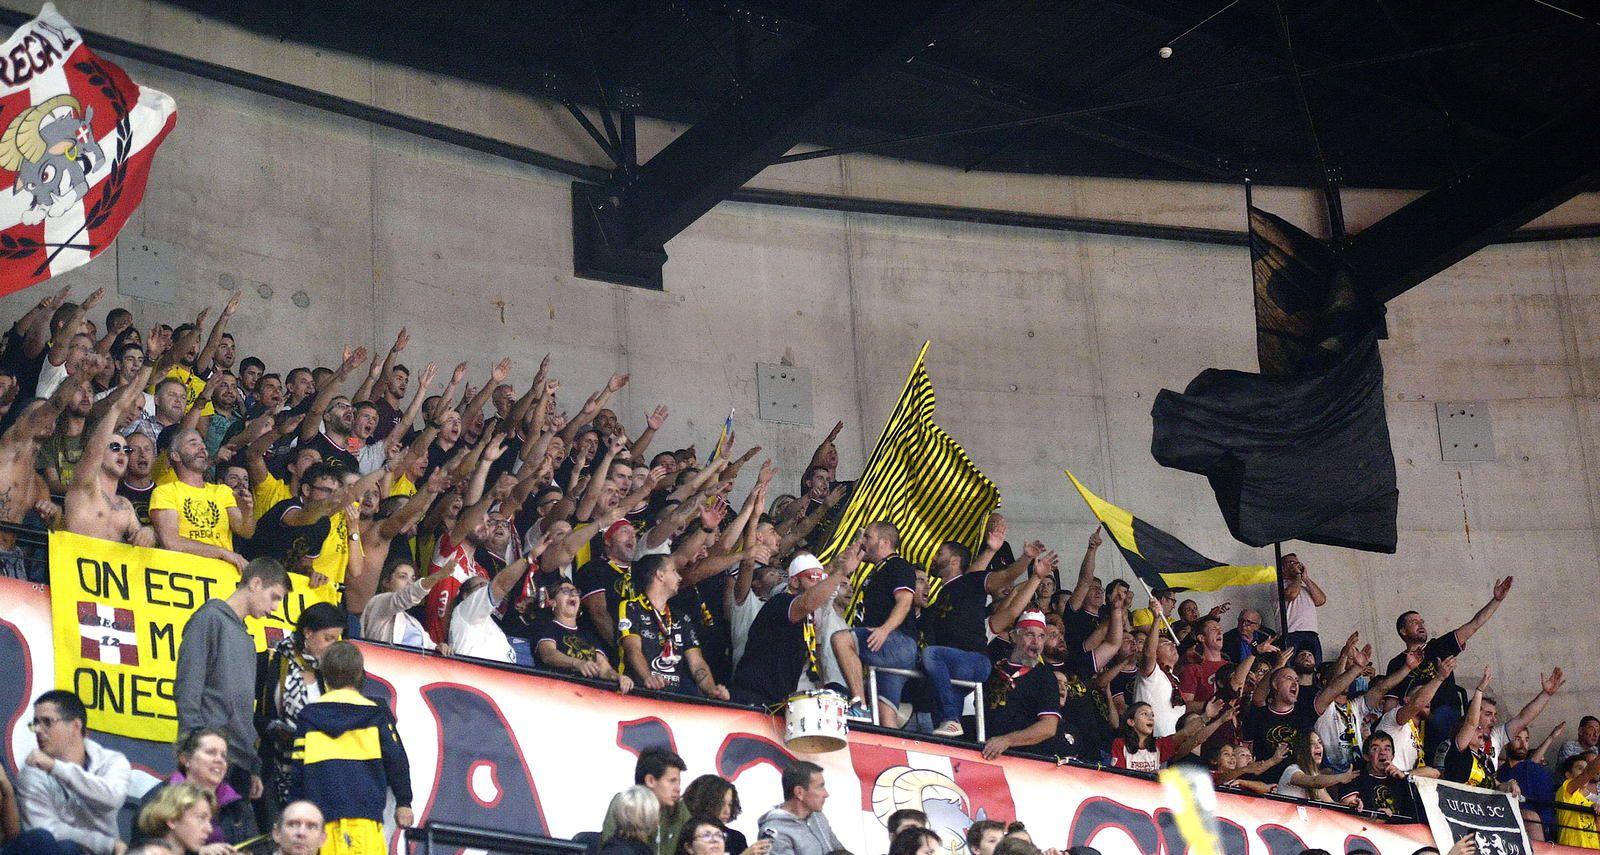 LSL CHAMBERY SAINT-RAPHAËL un score loin d'être nul, les photos du match jeudi 18 octobre 2018